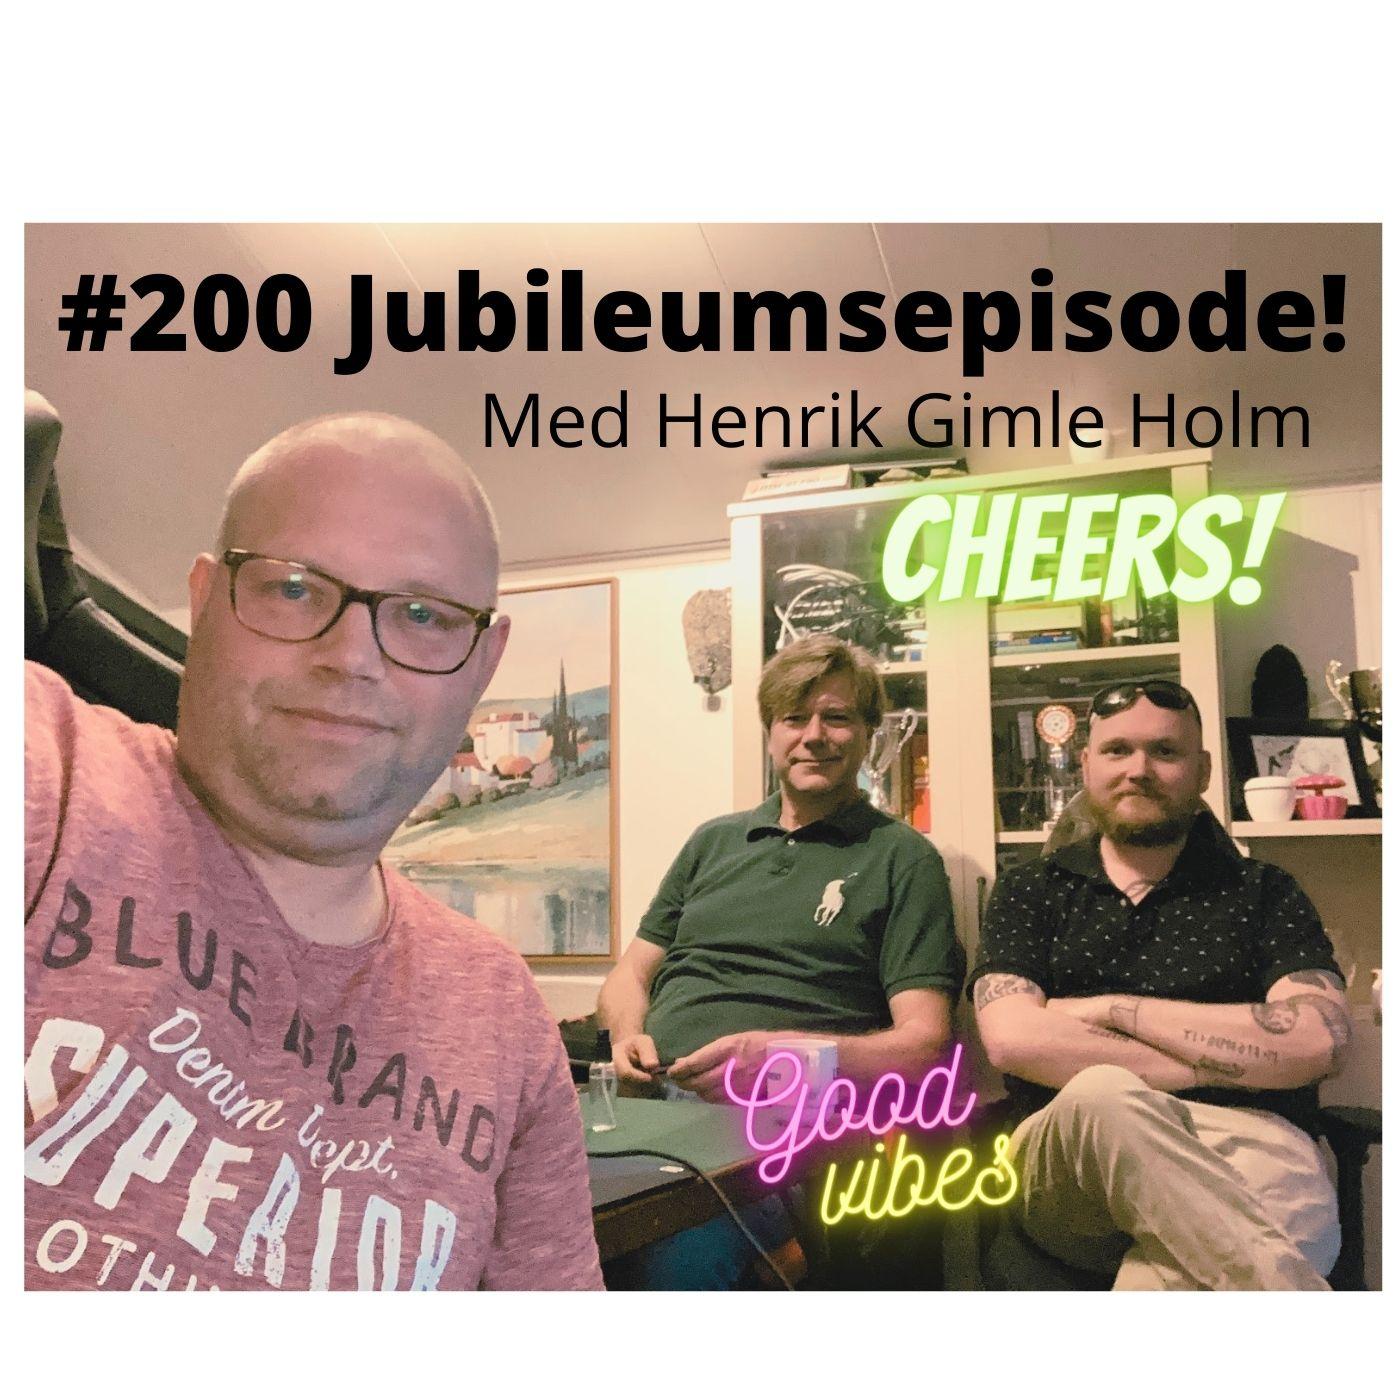 #200 Jubileumsepisode 200 med Henrik Gimle Holm som gjest